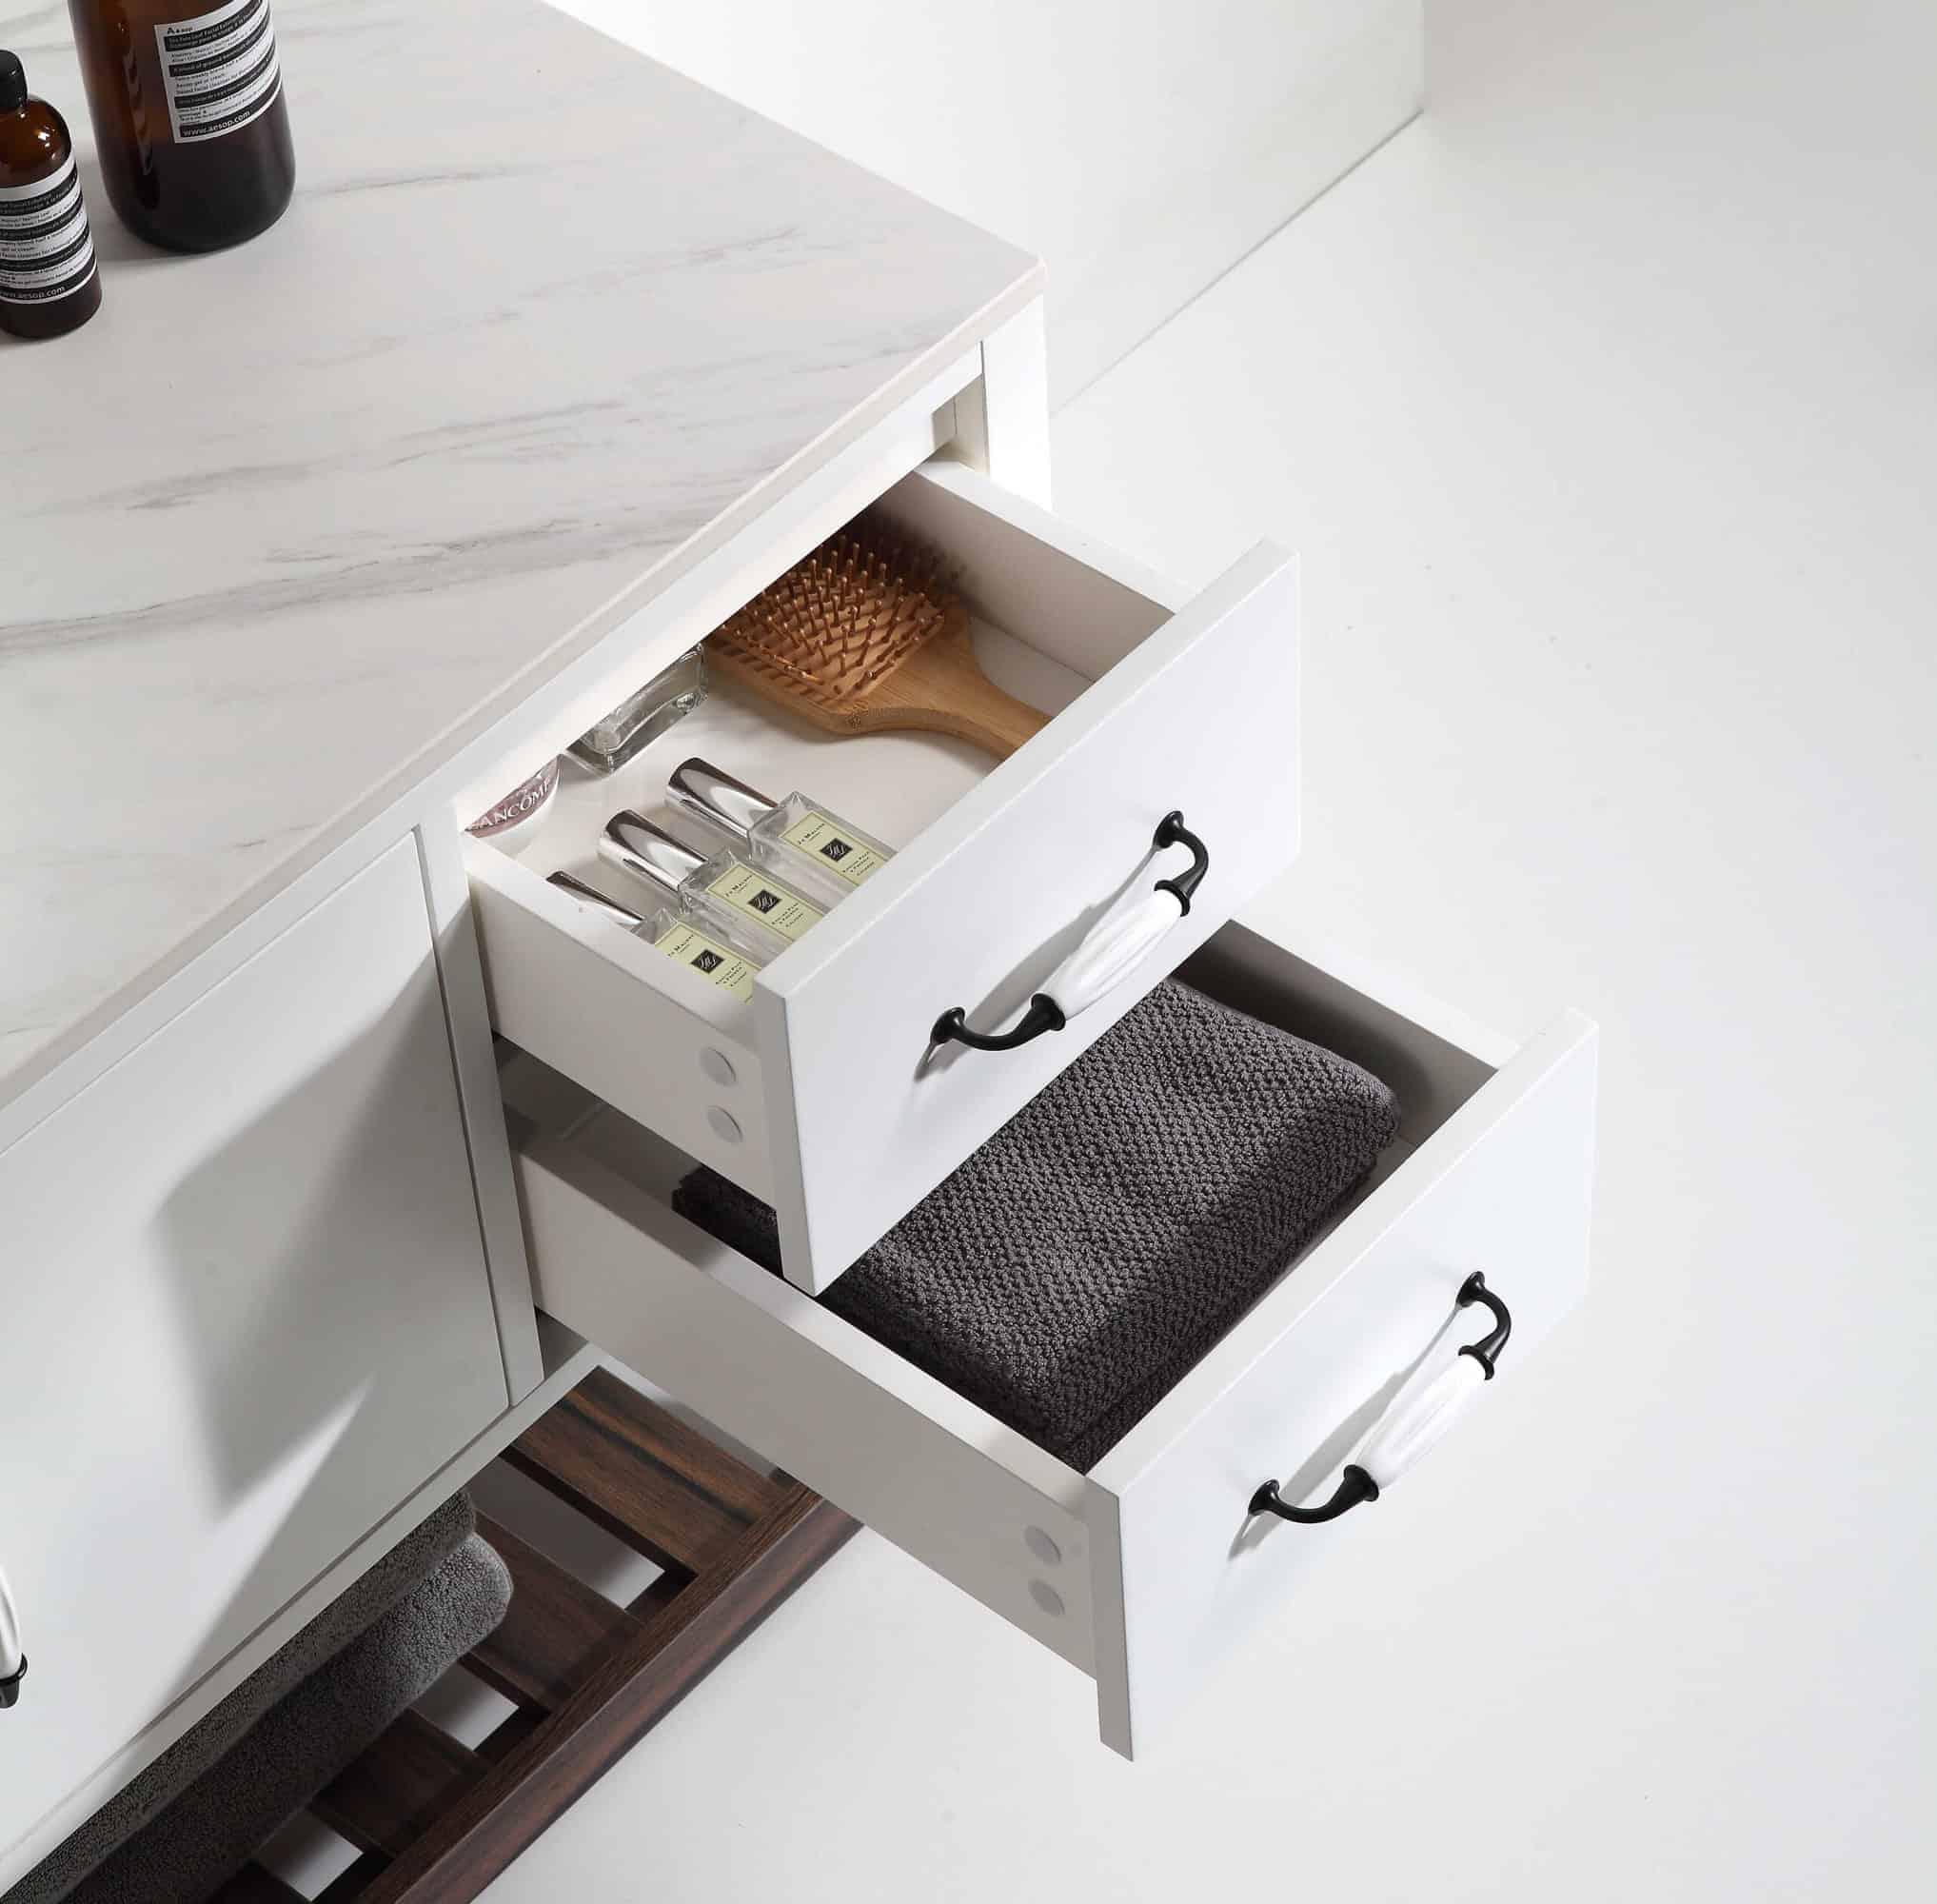 ארון אמבטיה דגם ונילה פתיחת מגירות